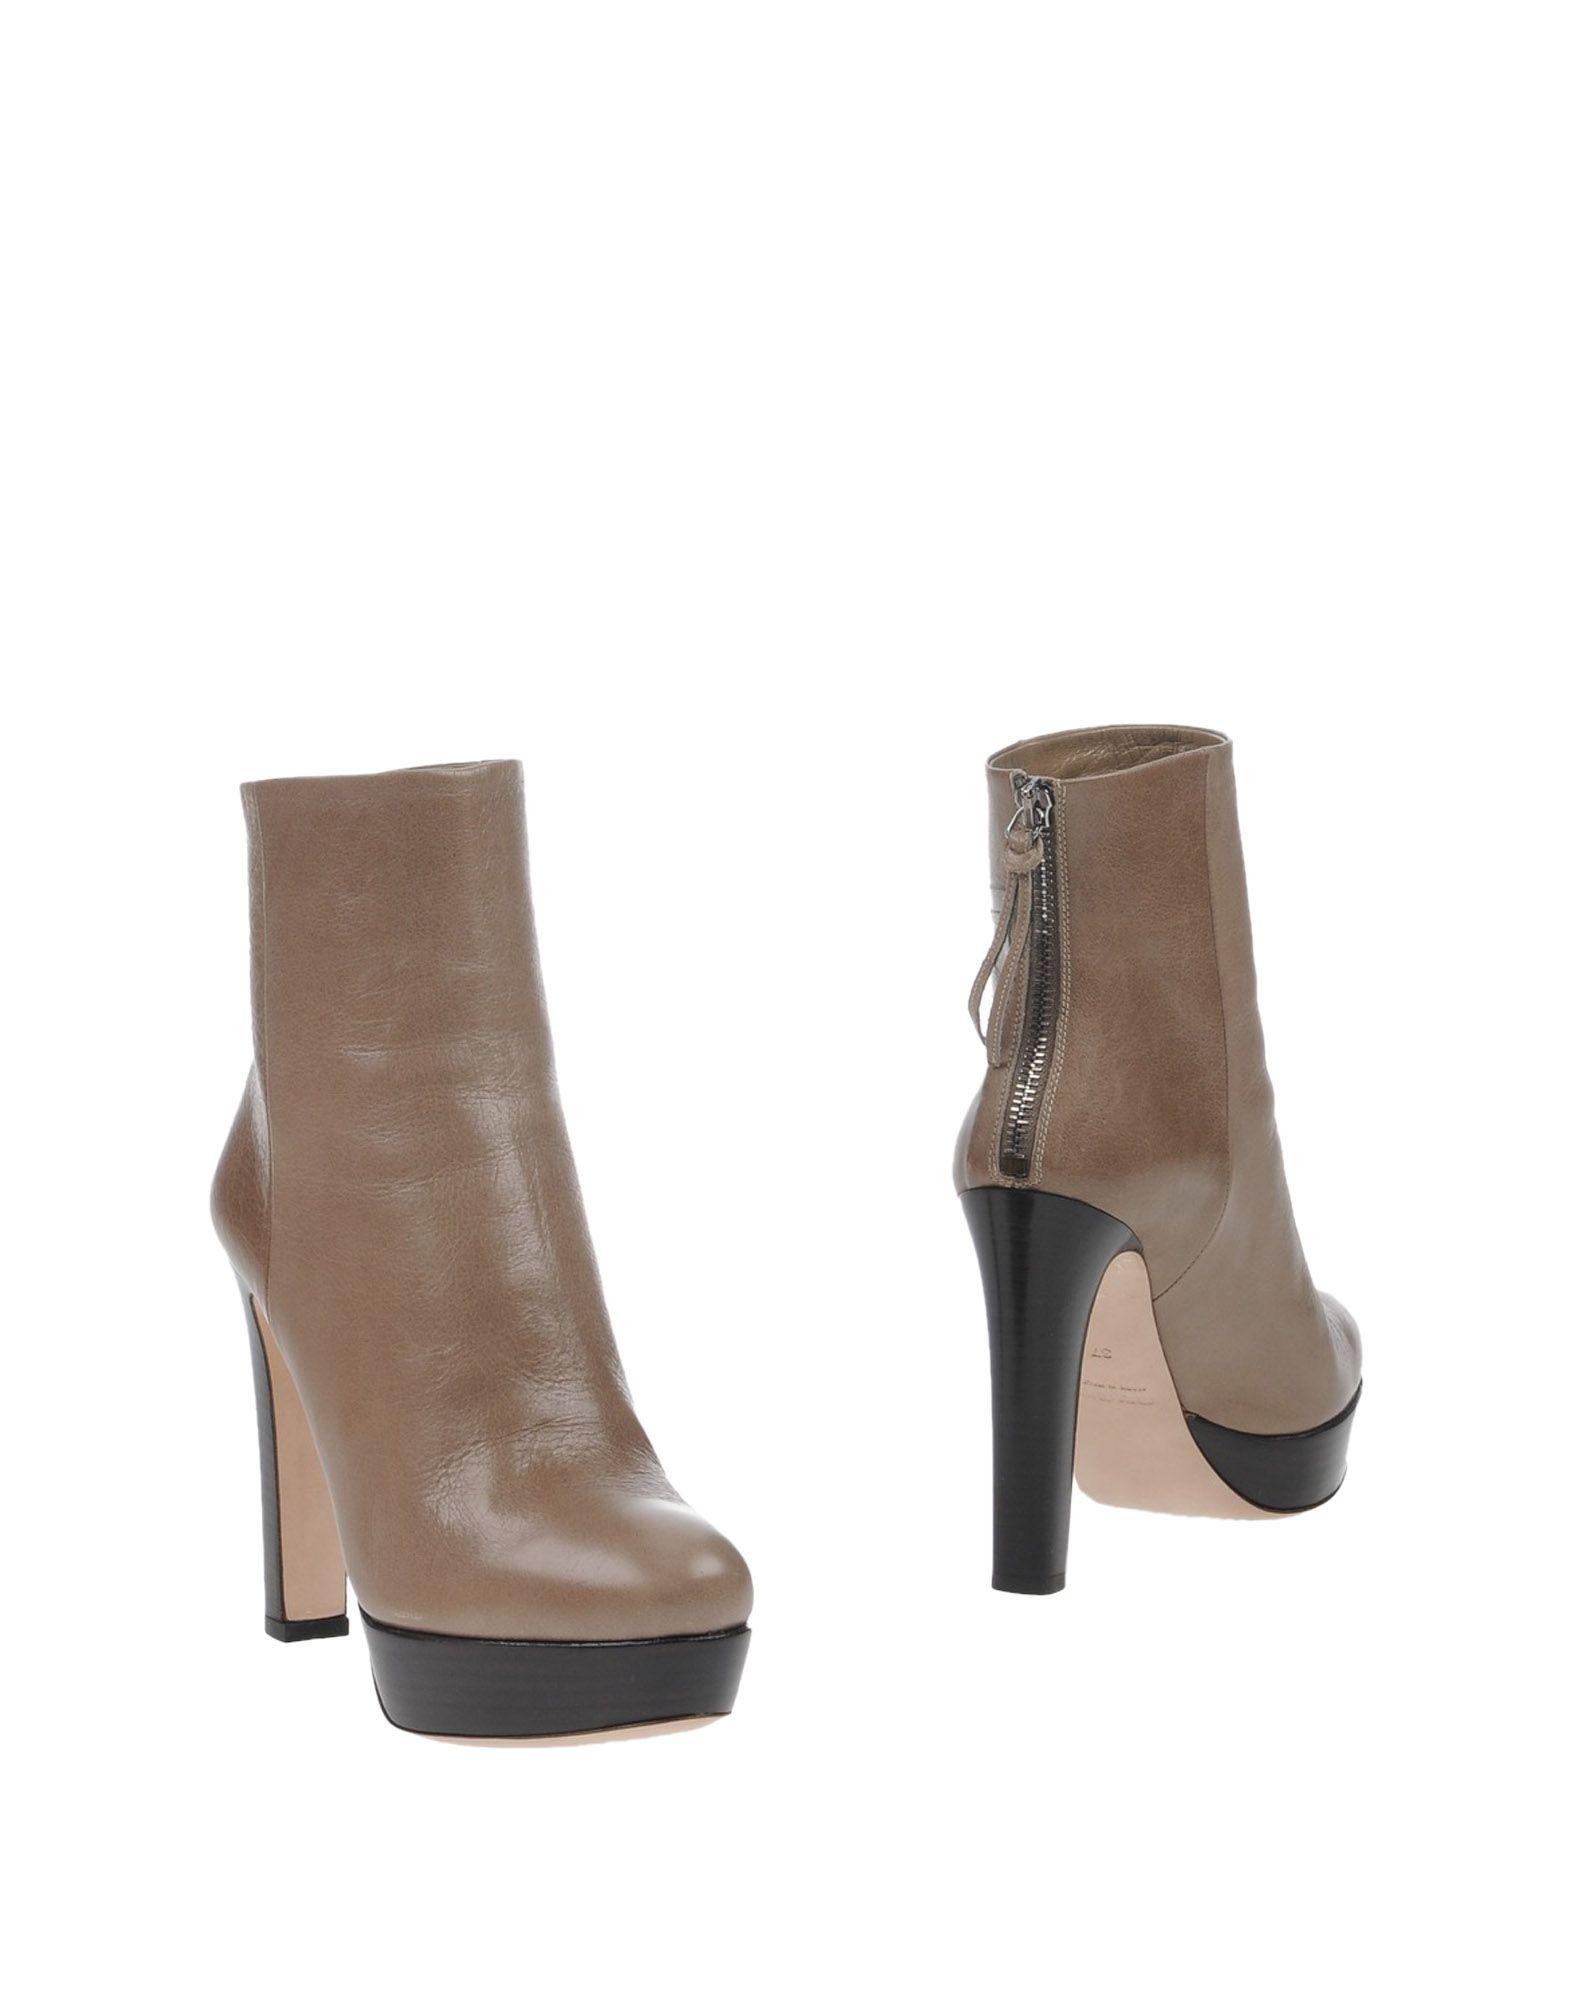 Miu Miu Stiefelette Damen  Schuhe 11261509HHGünstige gut aussehende Schuhe  226340